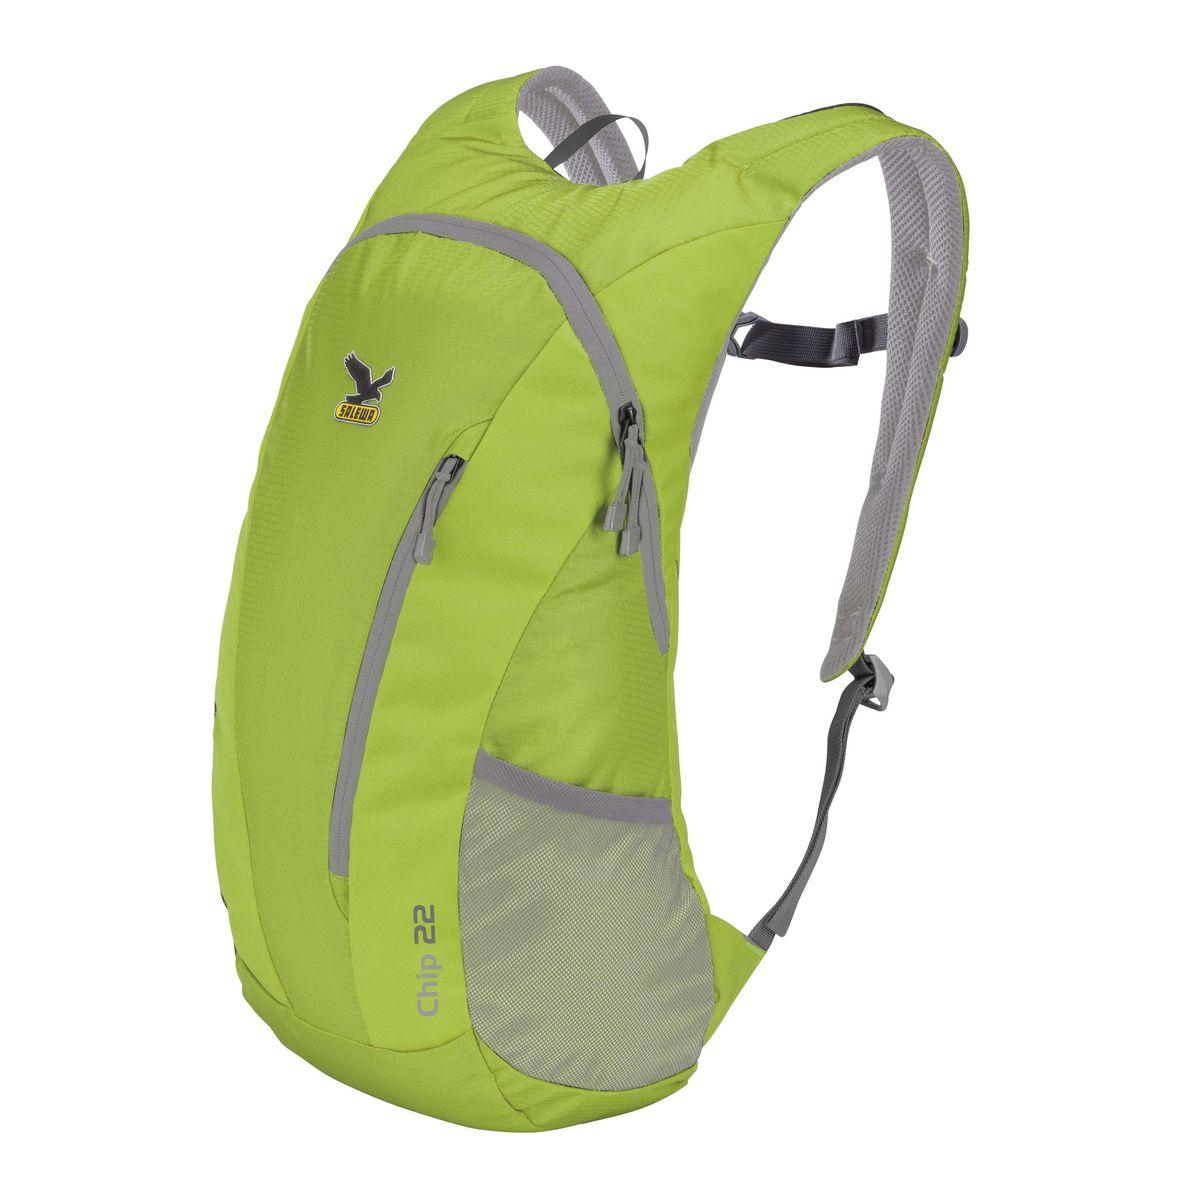 Рюкзак городской Salewa Chip 22, цвет: светло-зеленый, 22 л. 1130_5330ЛЦ0009Стильный городской рюкзак Salewa Chip 22 выполнен из полиэстера. Изделие имеет одно основное отделение, которое закрывается на застежку-молнию. Внутри расположен накладной карман для небольшого ноутбука. Снаружи, на передней стенке находится прорезной карман на застежке-молнии, в который рюкзак компактно складывается. По бокам расположены сетчатые карманы на эластичных резинках.Рюкзак оснащен широкими регулирующими лямками и удобной ручкой для переноски в руках. Лямки дополнены регулируемым грудным ремнем. Спинка и внутренняя сторона лямок оснащена сетчатыми вставками, которые обеспечивают воздухопроницаемость и комфорт во время носки. Компактный городской рюкзак идеально подойдет для повседневного использования и активного досуга.